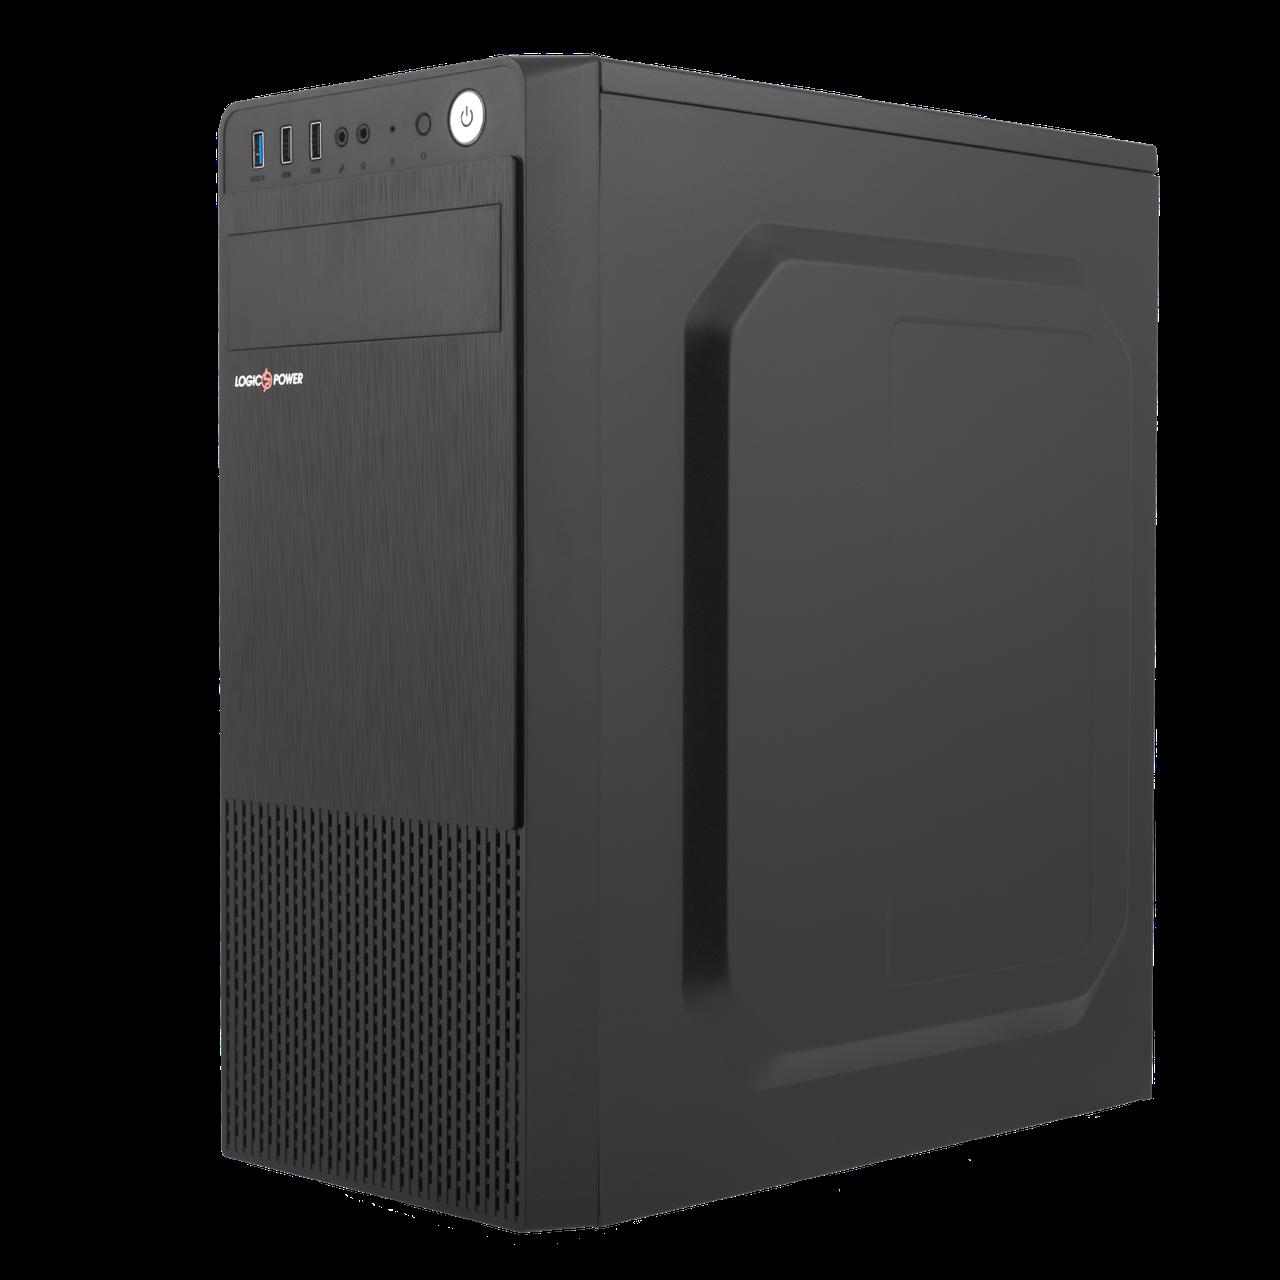 Корпус LP 2008-500W 12см black case chassis cover с 2xUSB2.0 и 1xUSB3.0